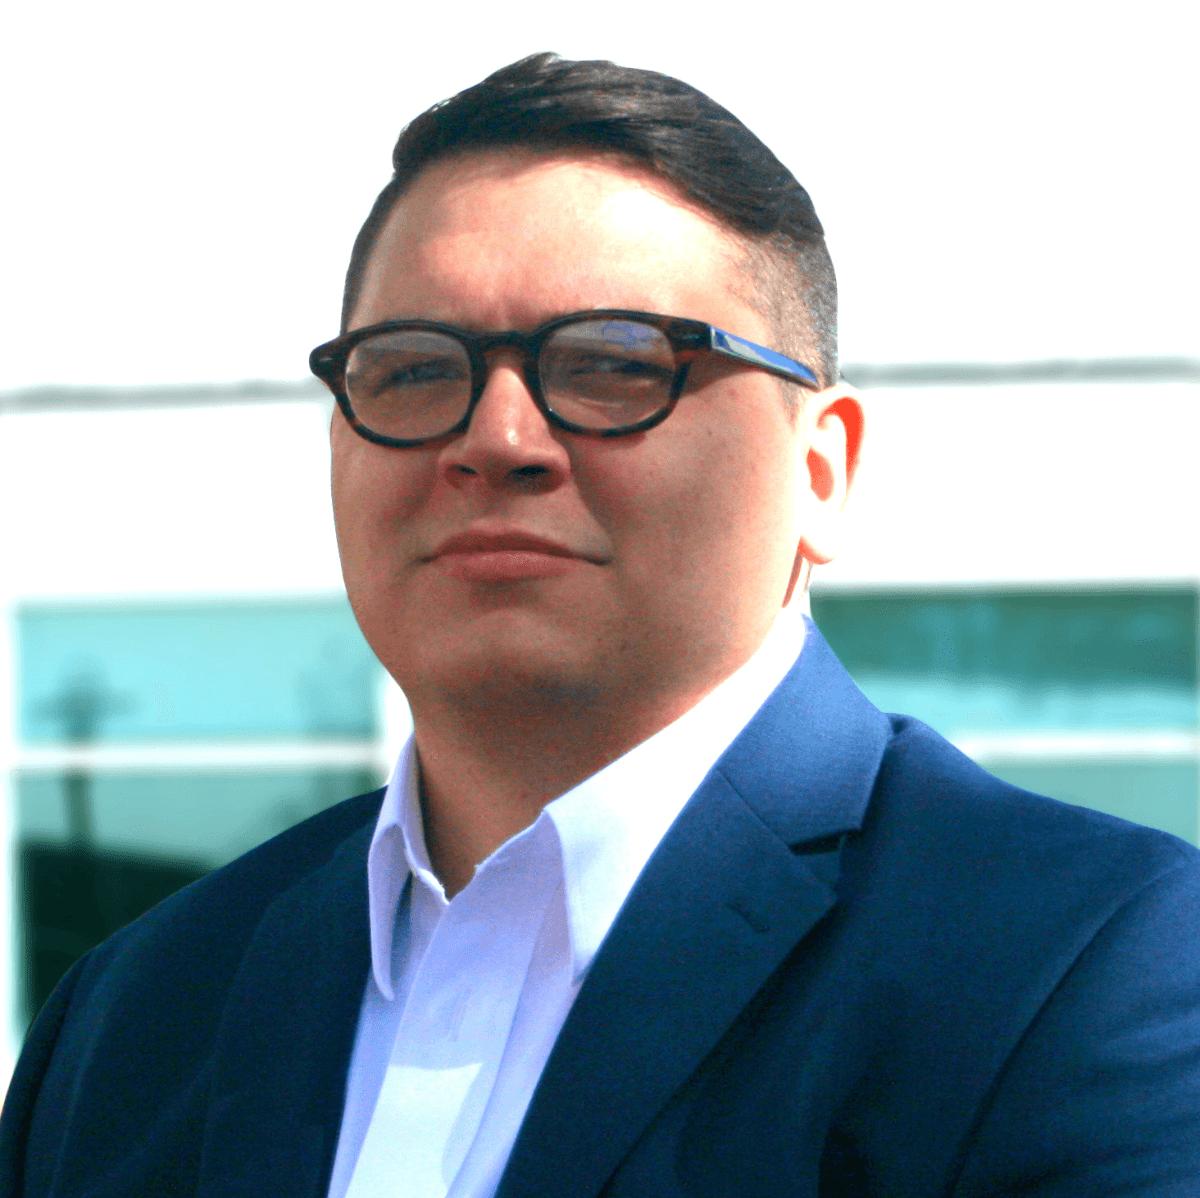 Jon Alsup of OpenKey